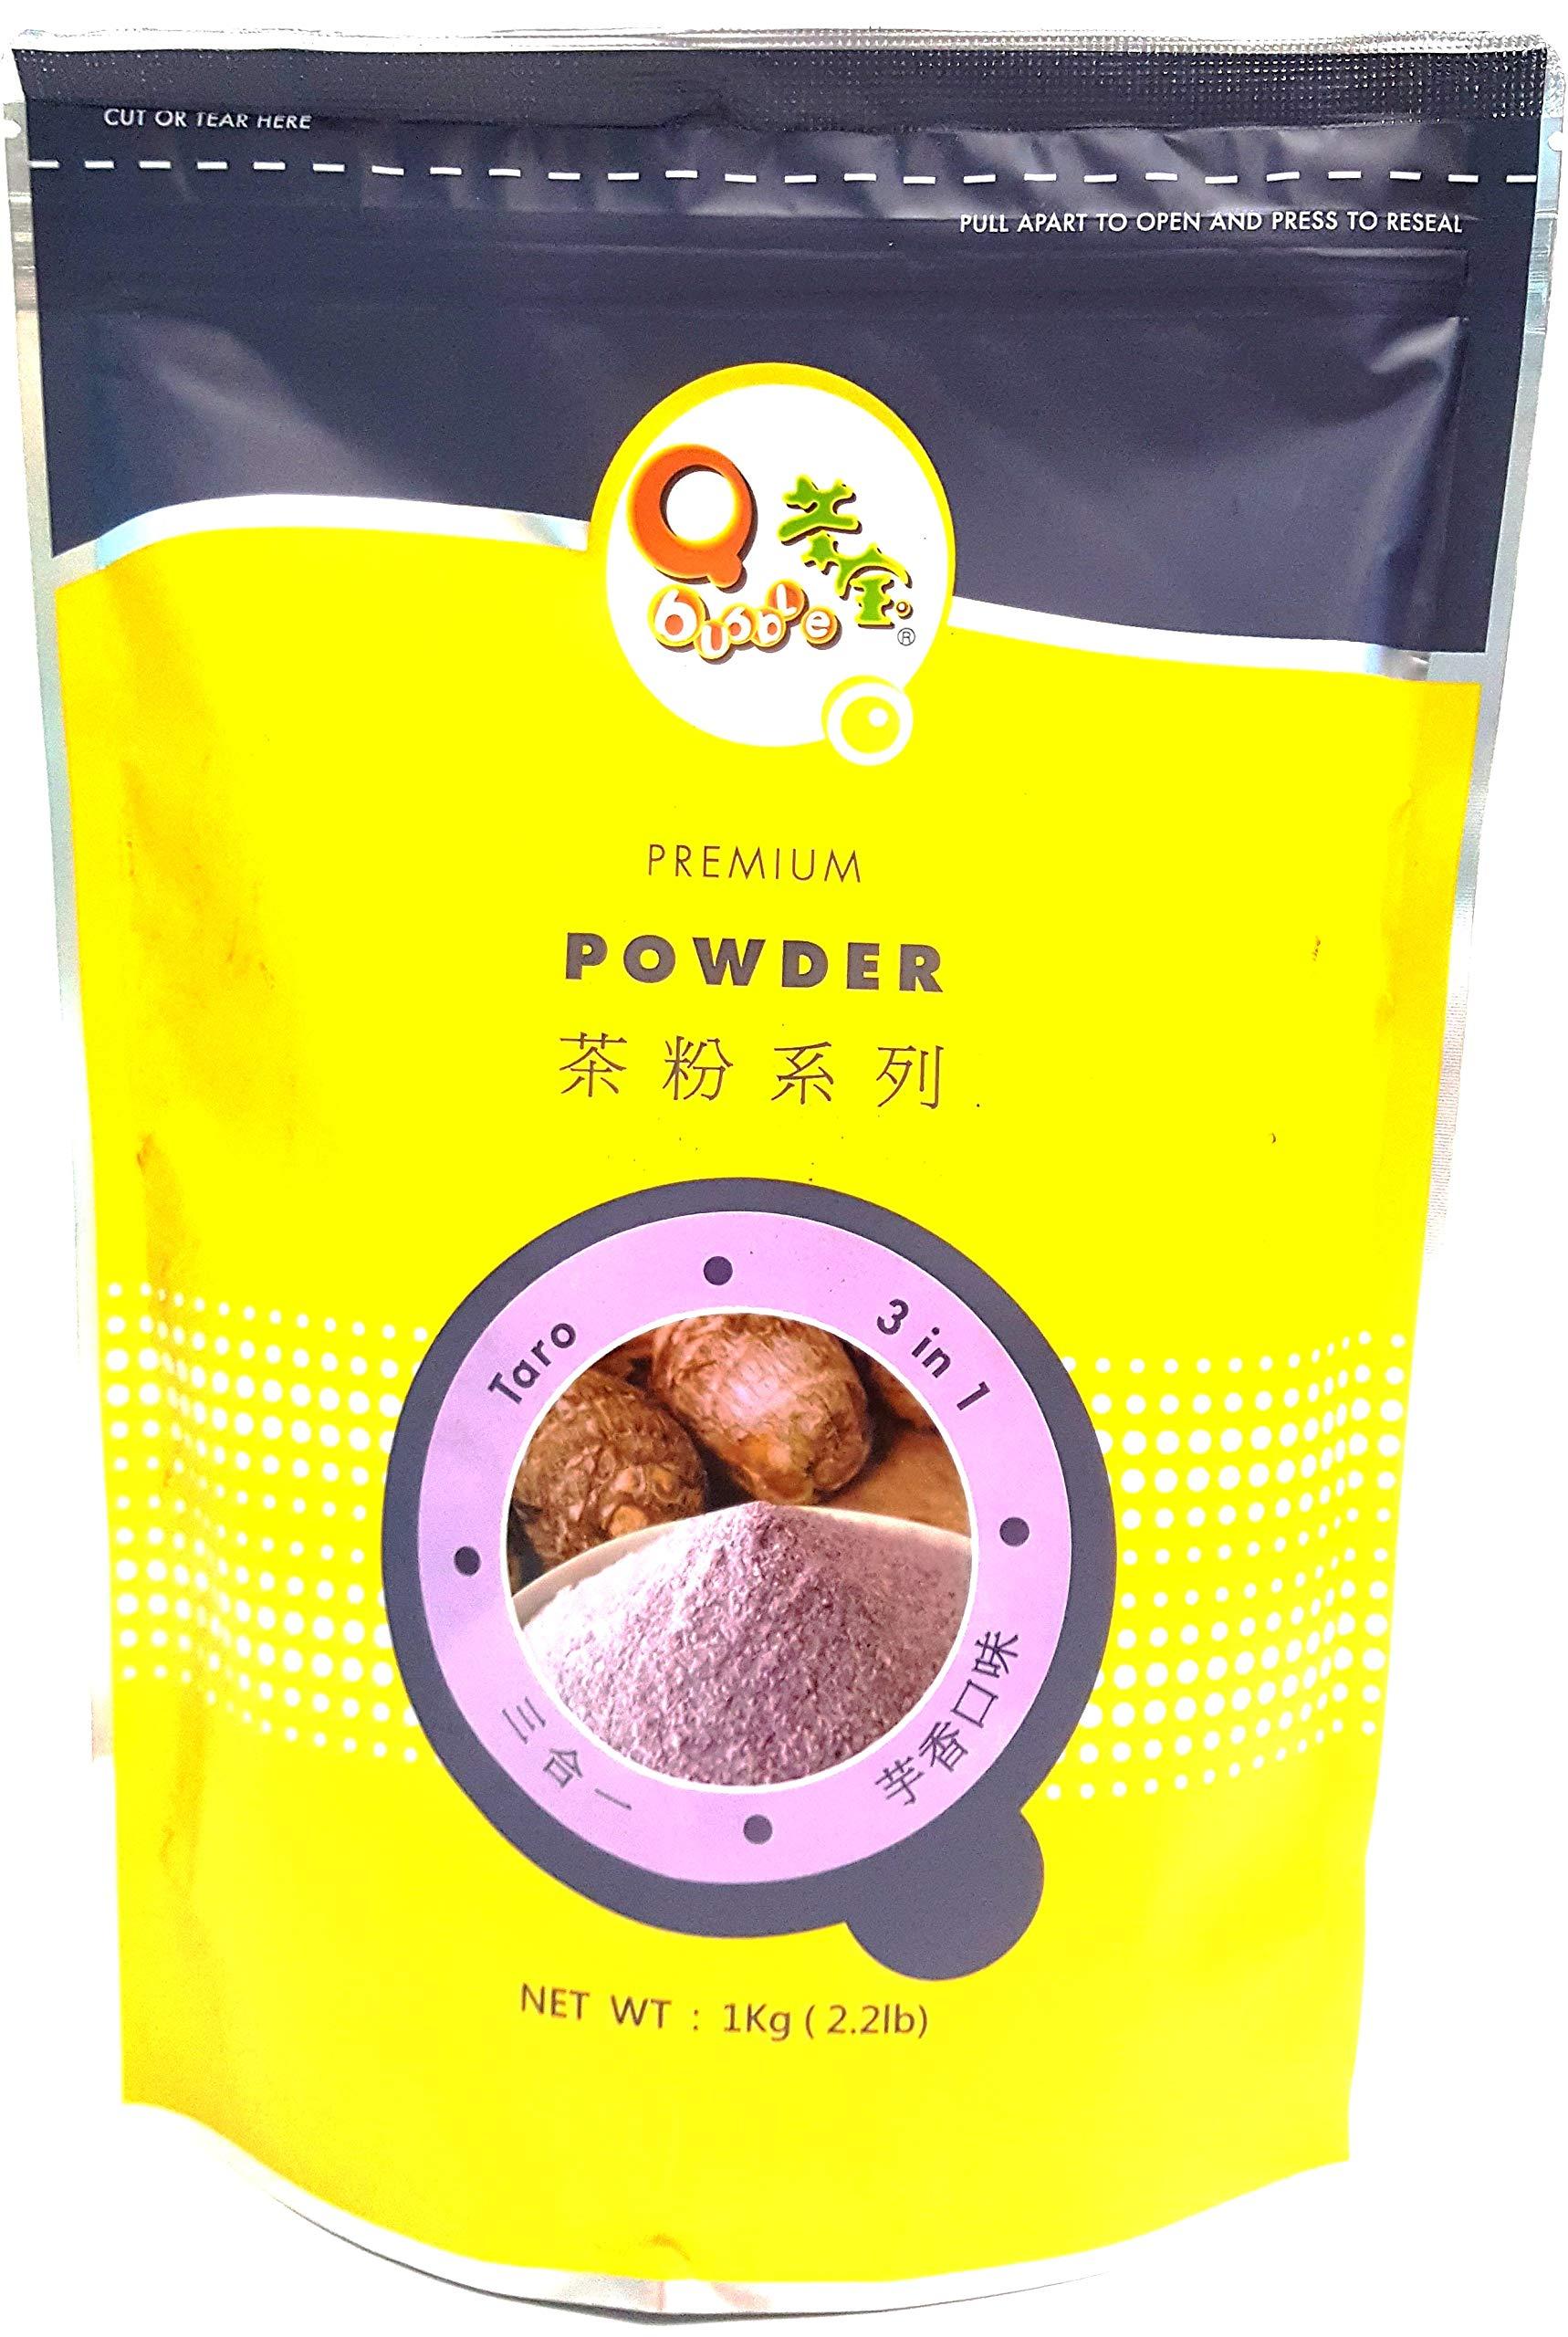 Qbubble Tea Powder Taro Powder, 2.2 Pound by Qbubble